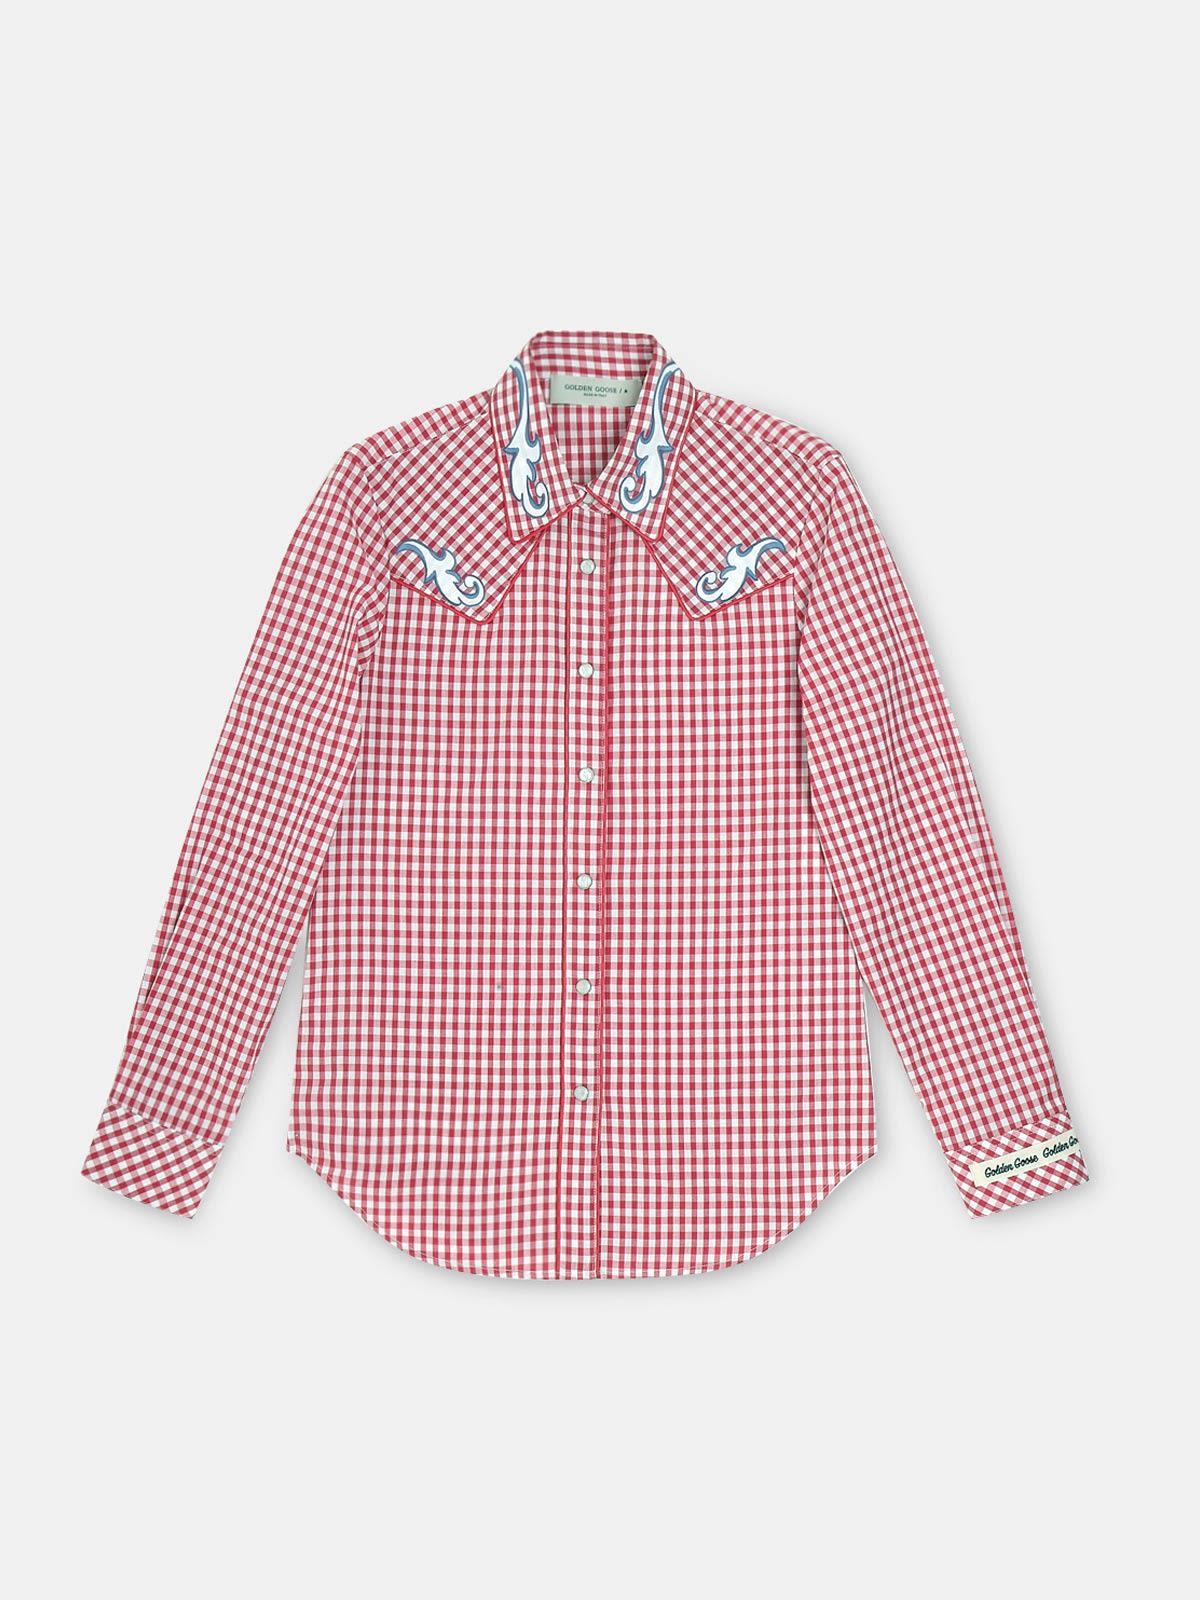 Golden Goose - Camicia Betty a quadretti bianchi e rossi con stampa pin-up in